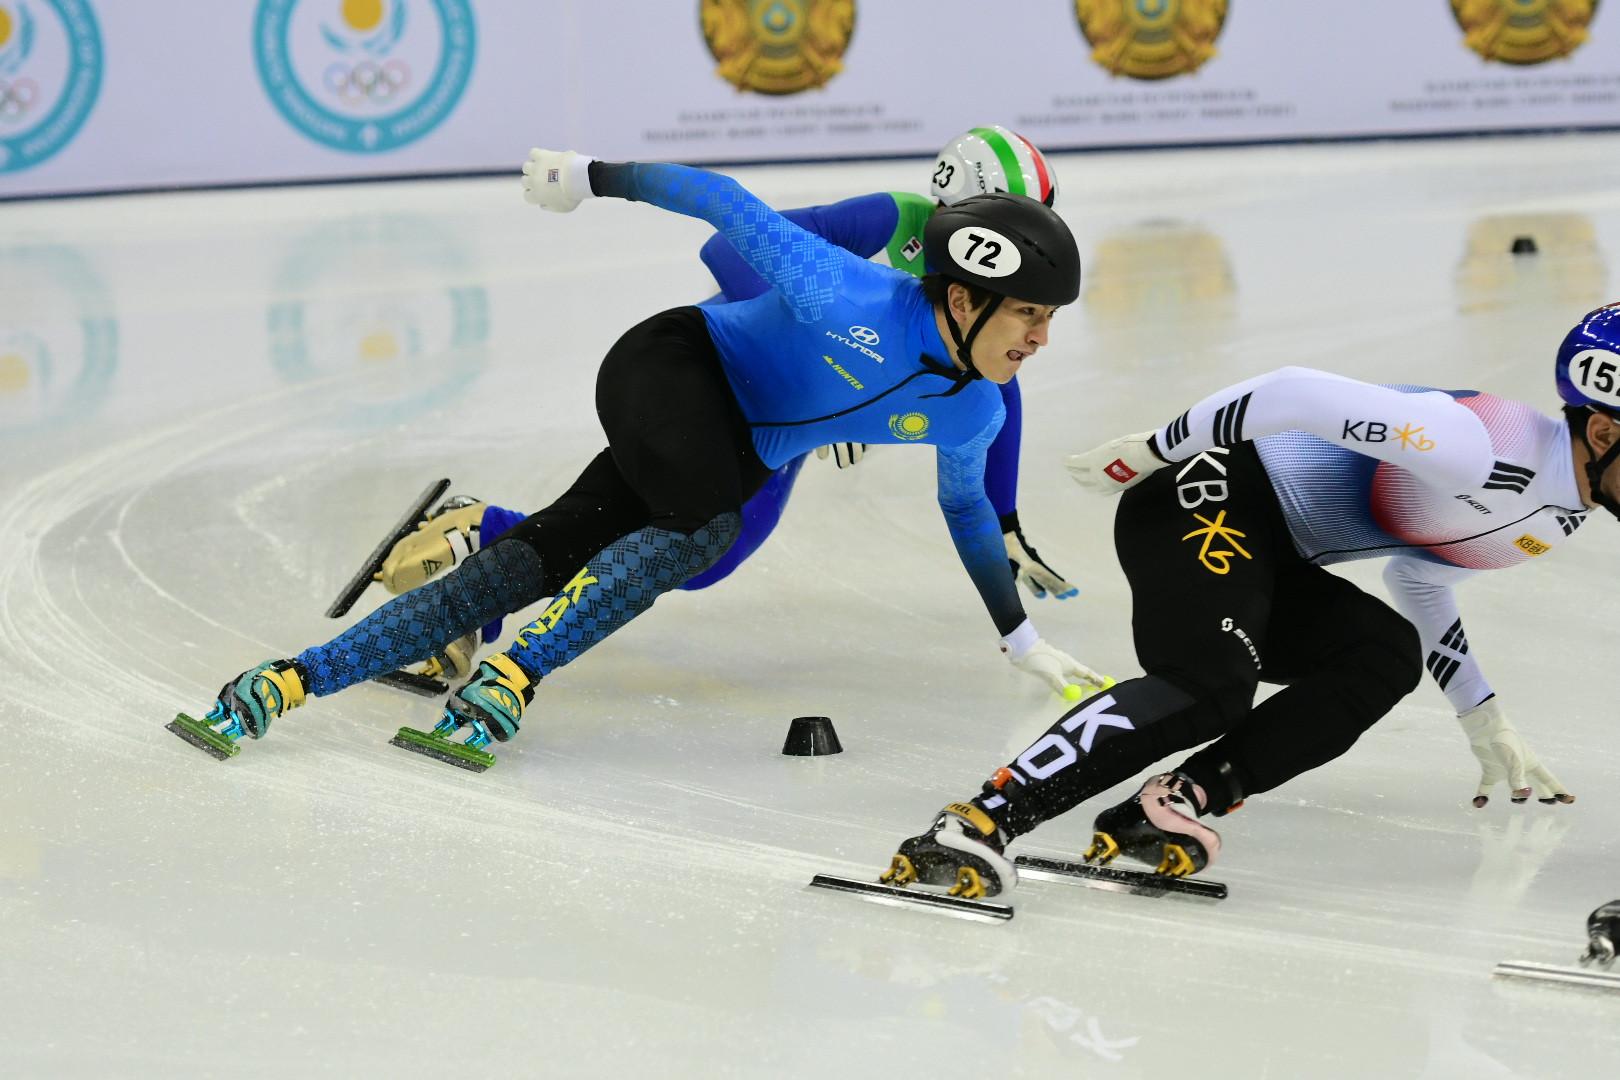 Этап Кубка мира по шорт-треку в Алматы: казахстанские спортсмены в полуфинале